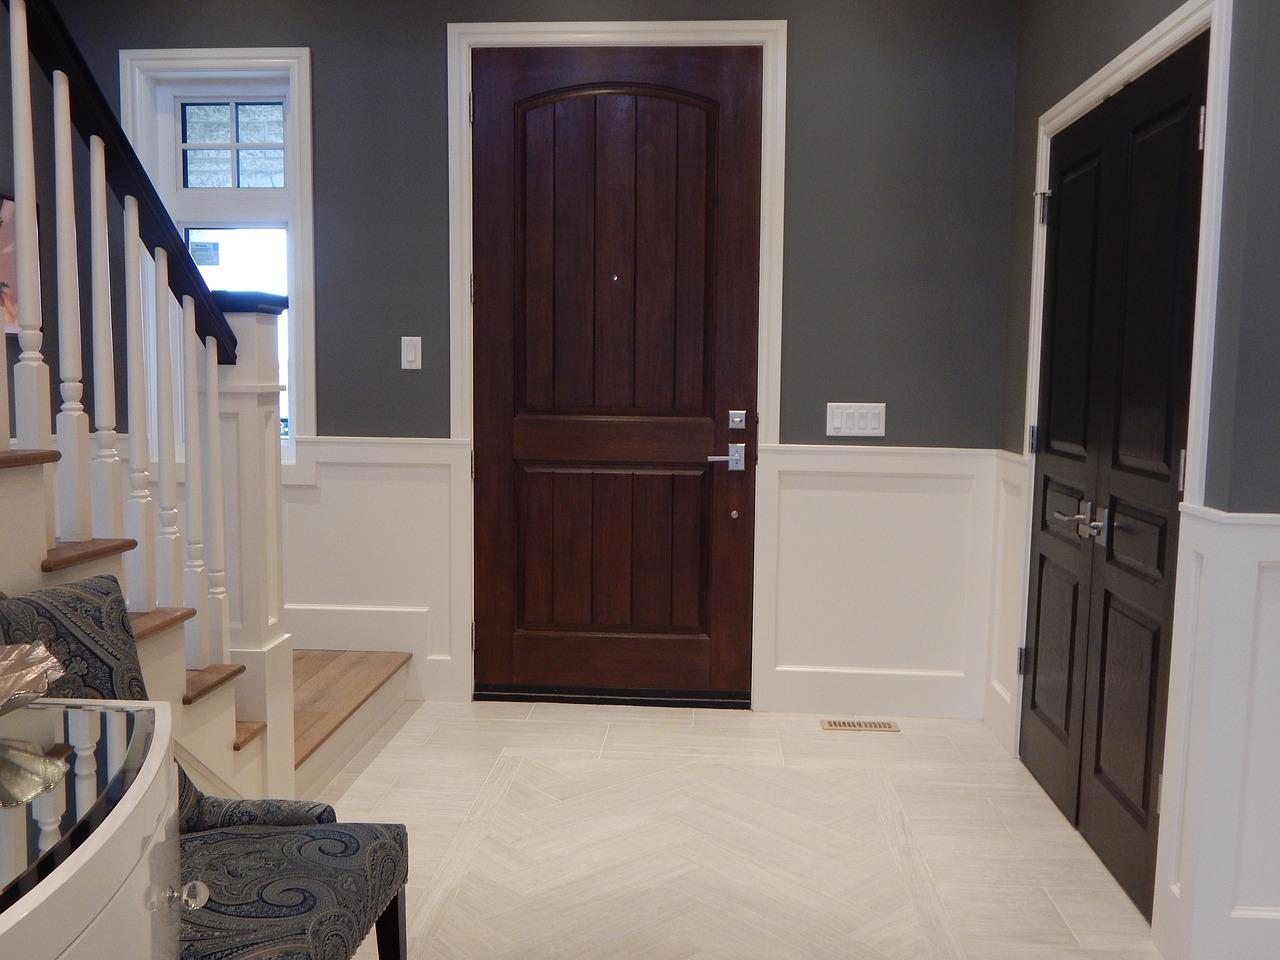 Come scegliere il colore delle porte interne?